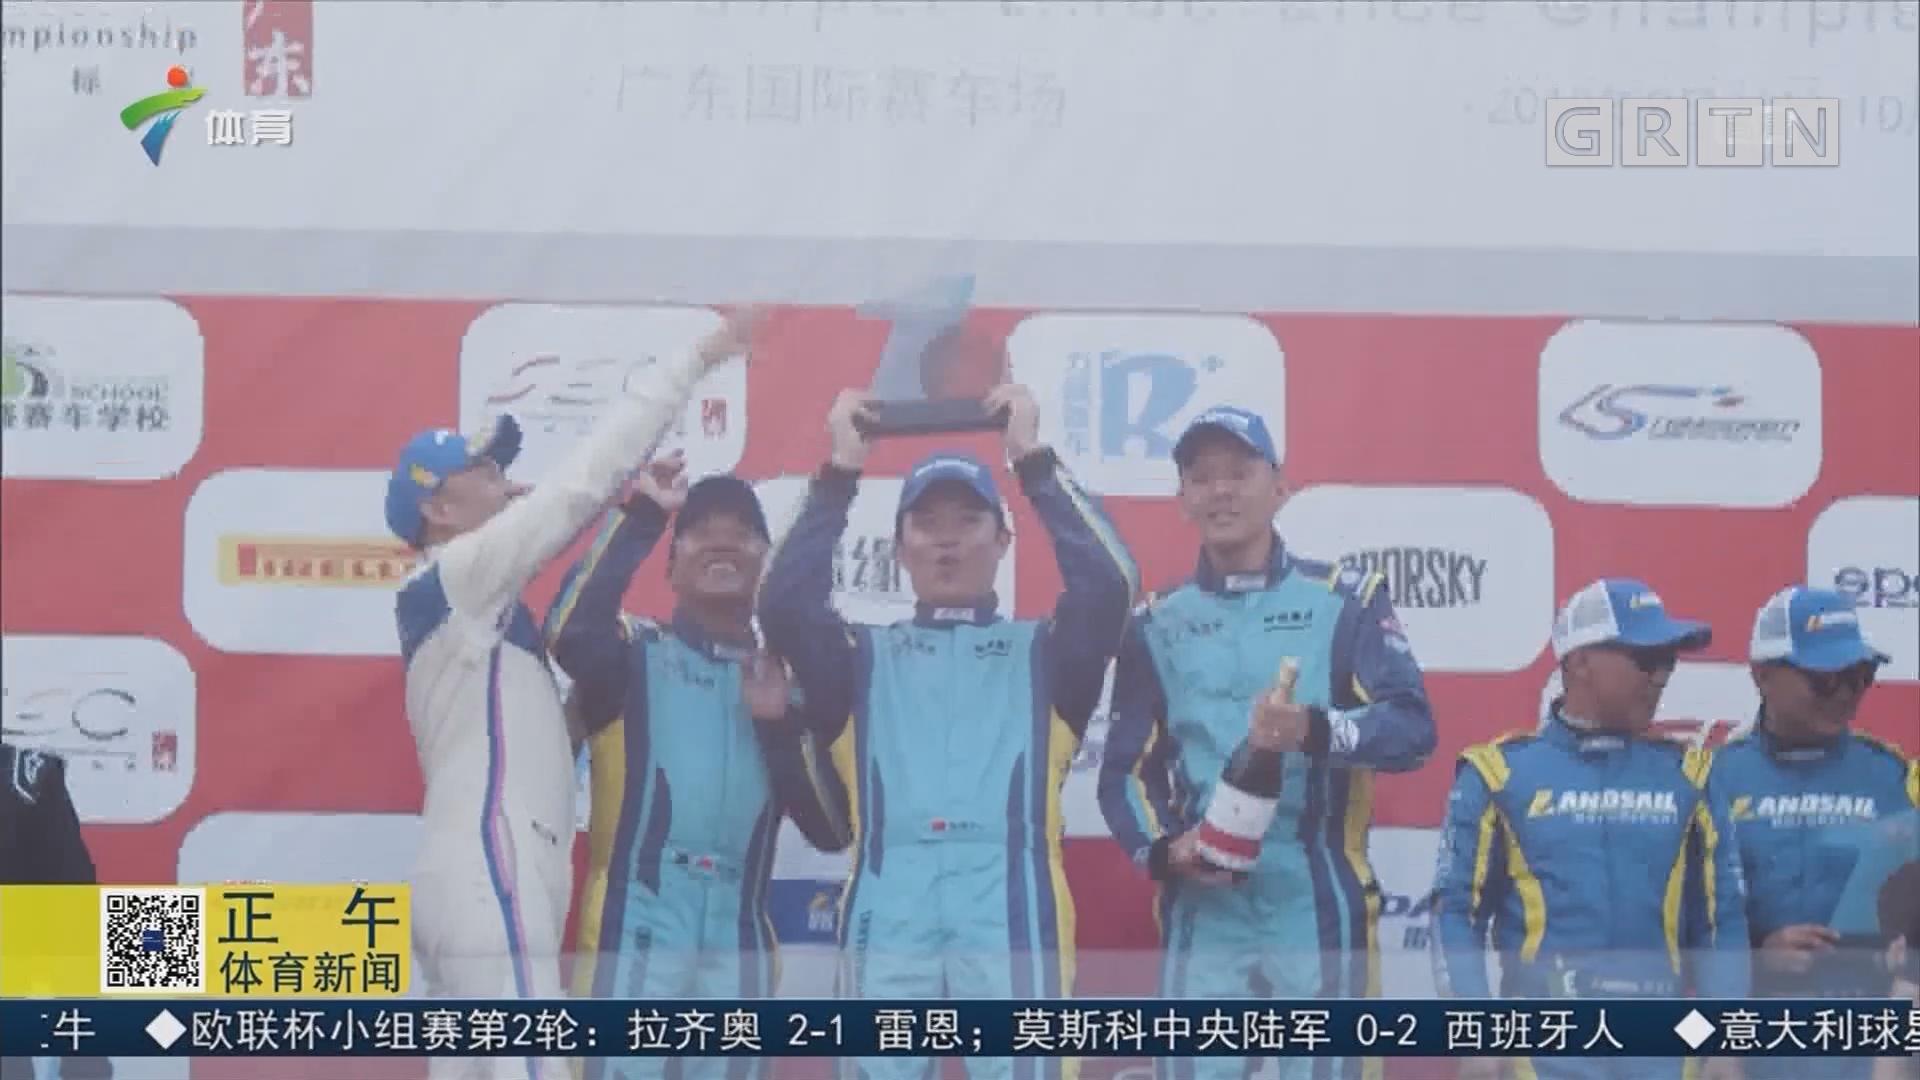 發揮完美 廣東體育頻道車隊奪6小時耐力賽全場第二